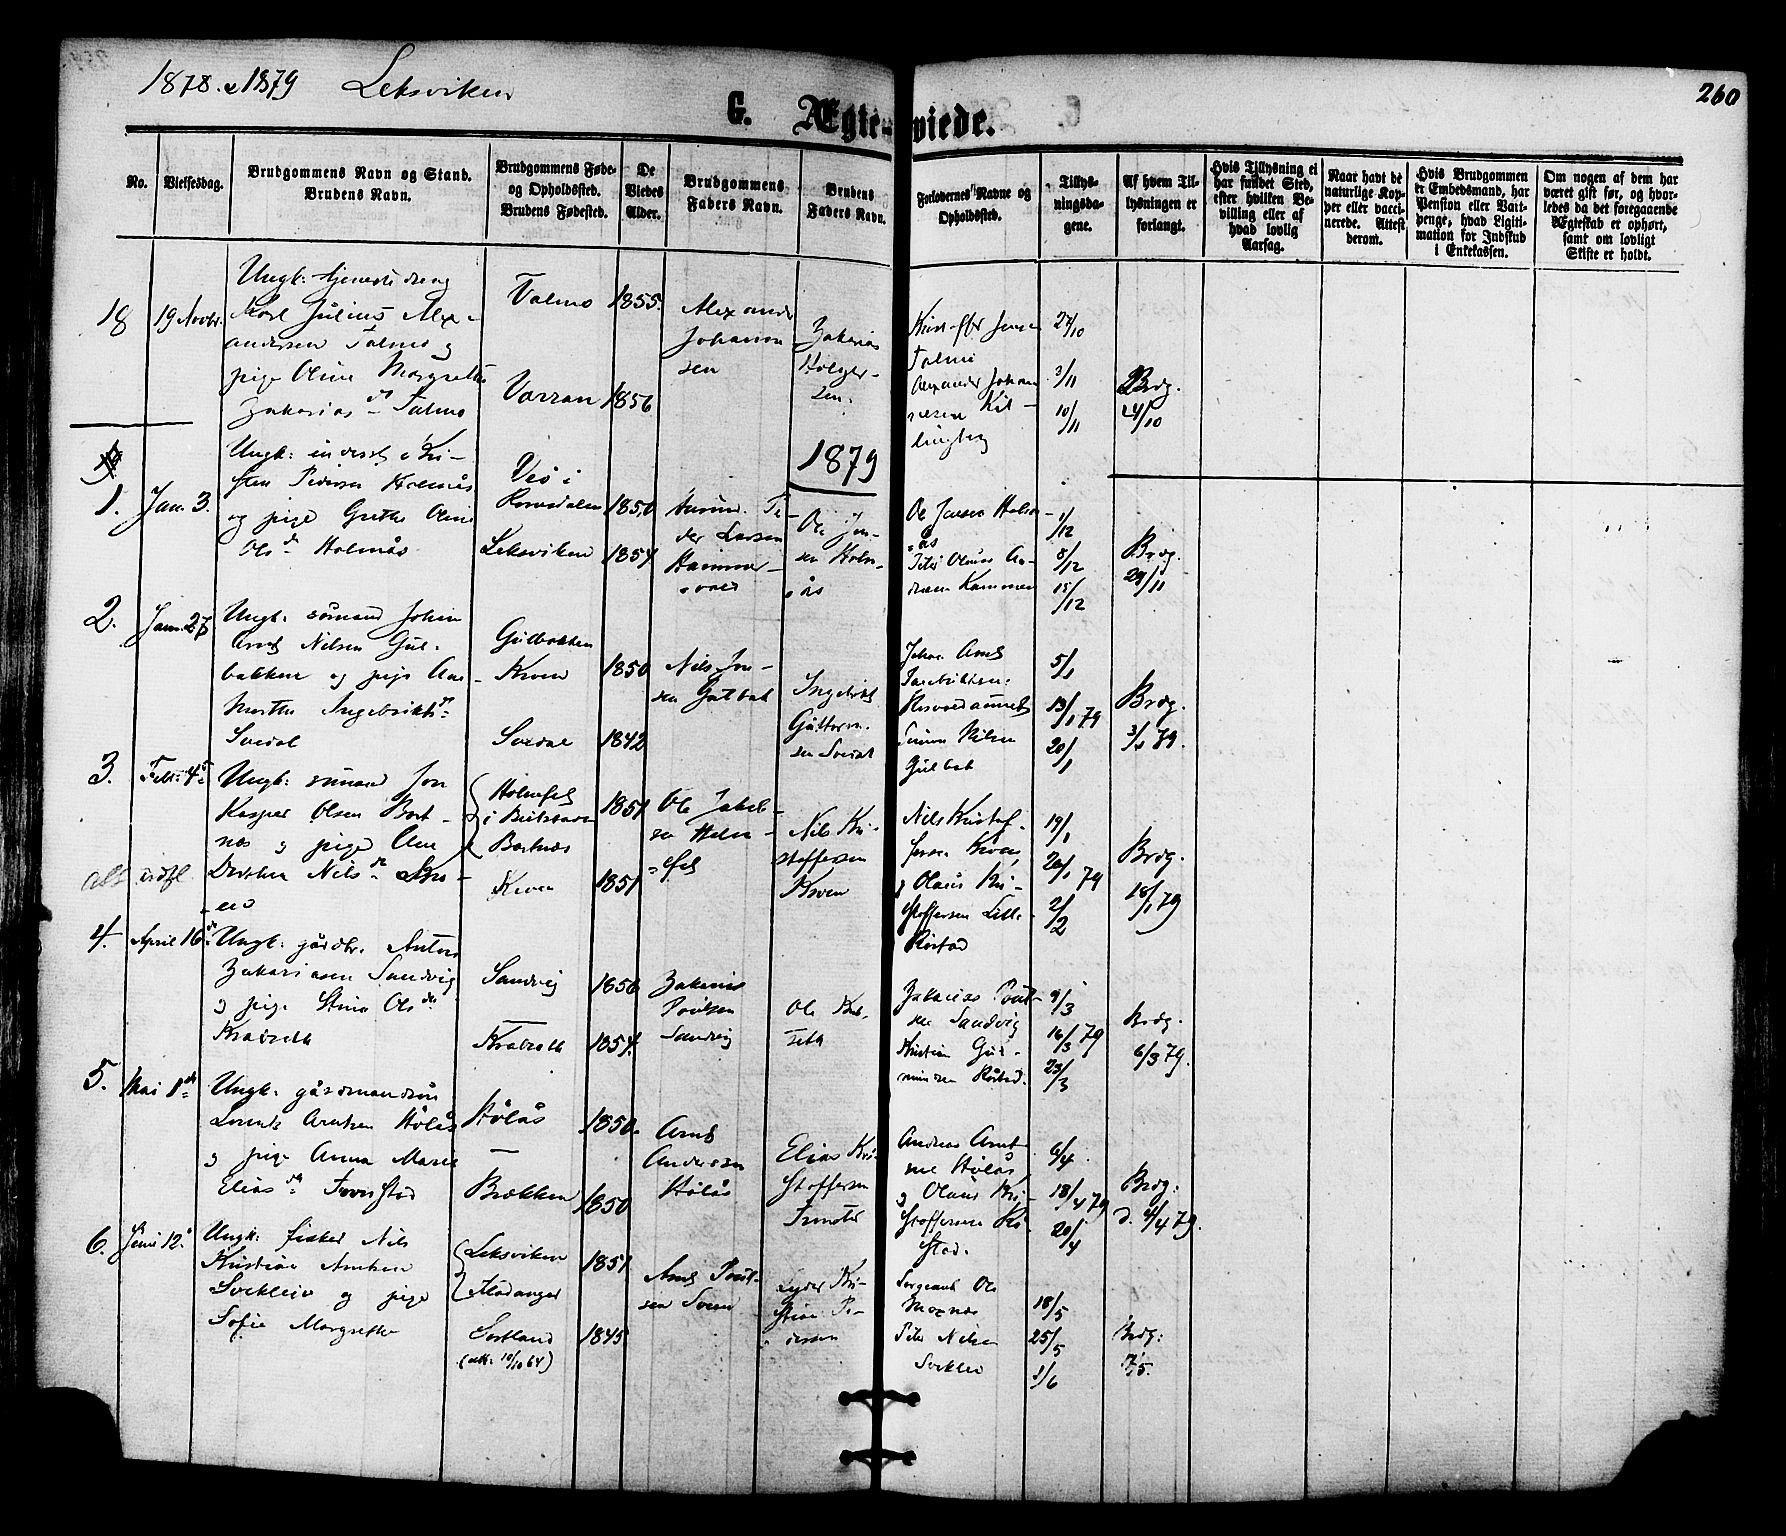 SAT, Ministerialprotokoller, klokkerbøker og fødselsregistre - Nord-Trøndelag, 701/L0009: Ministerialbok nr. 701A09 /1, 1864-1882, s. 260